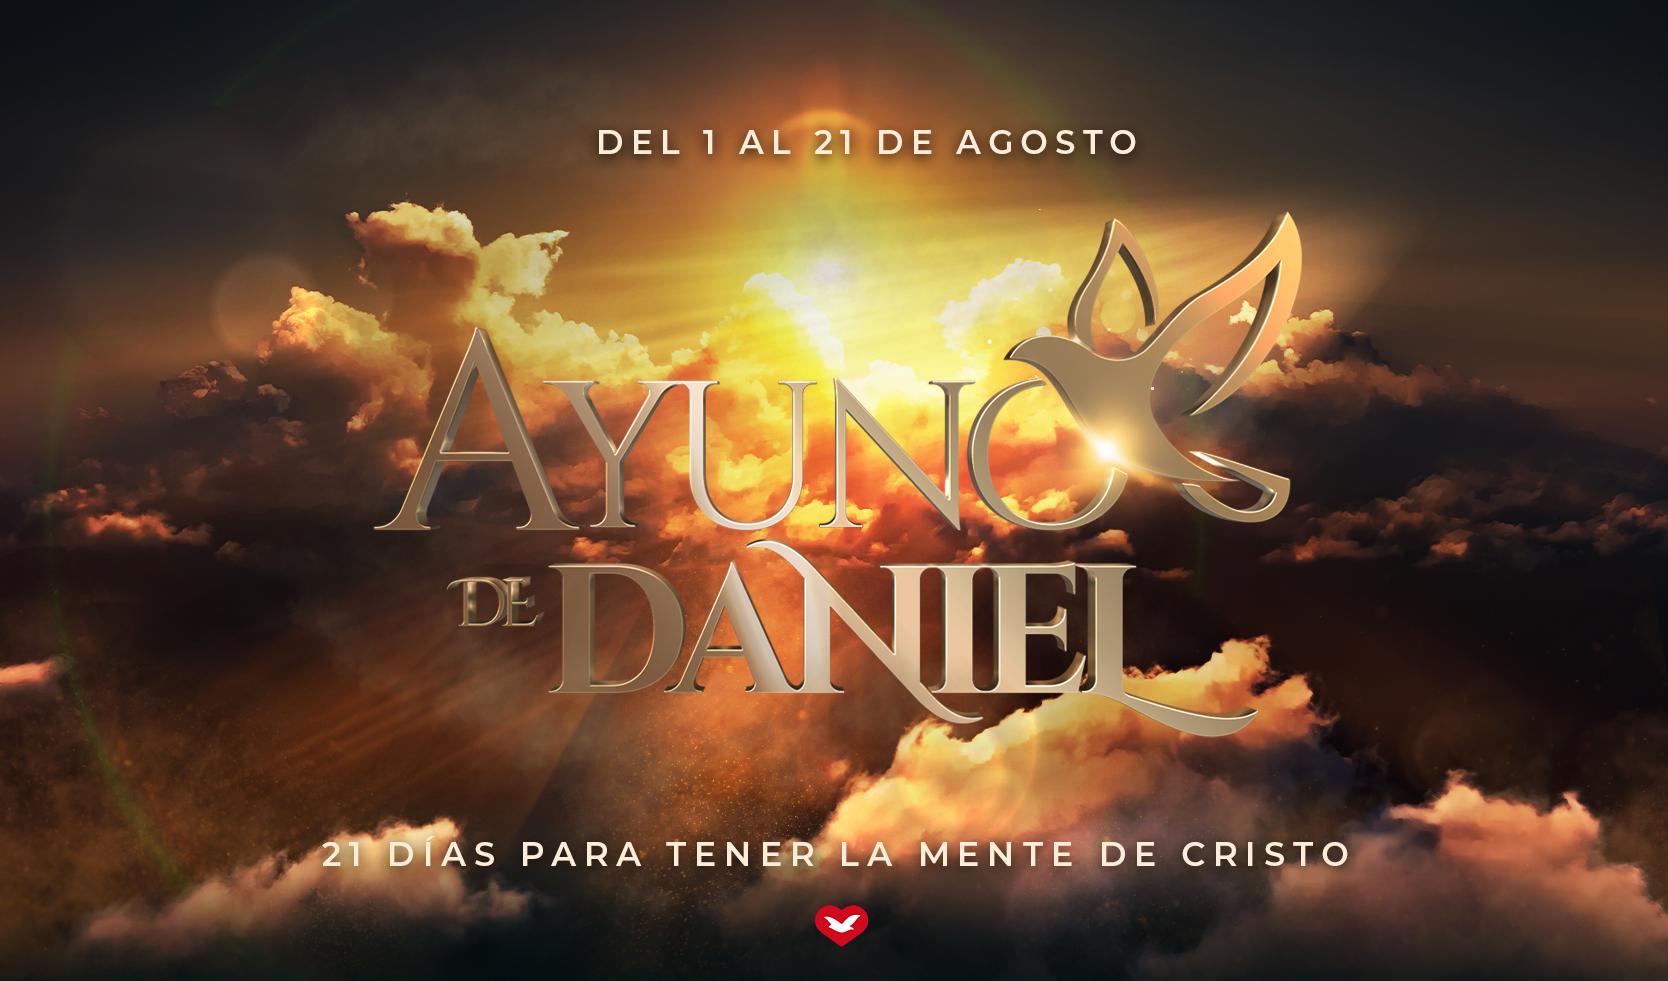 Ayuno de Daniel: 21 días para tener la mente de Cristo3 min read